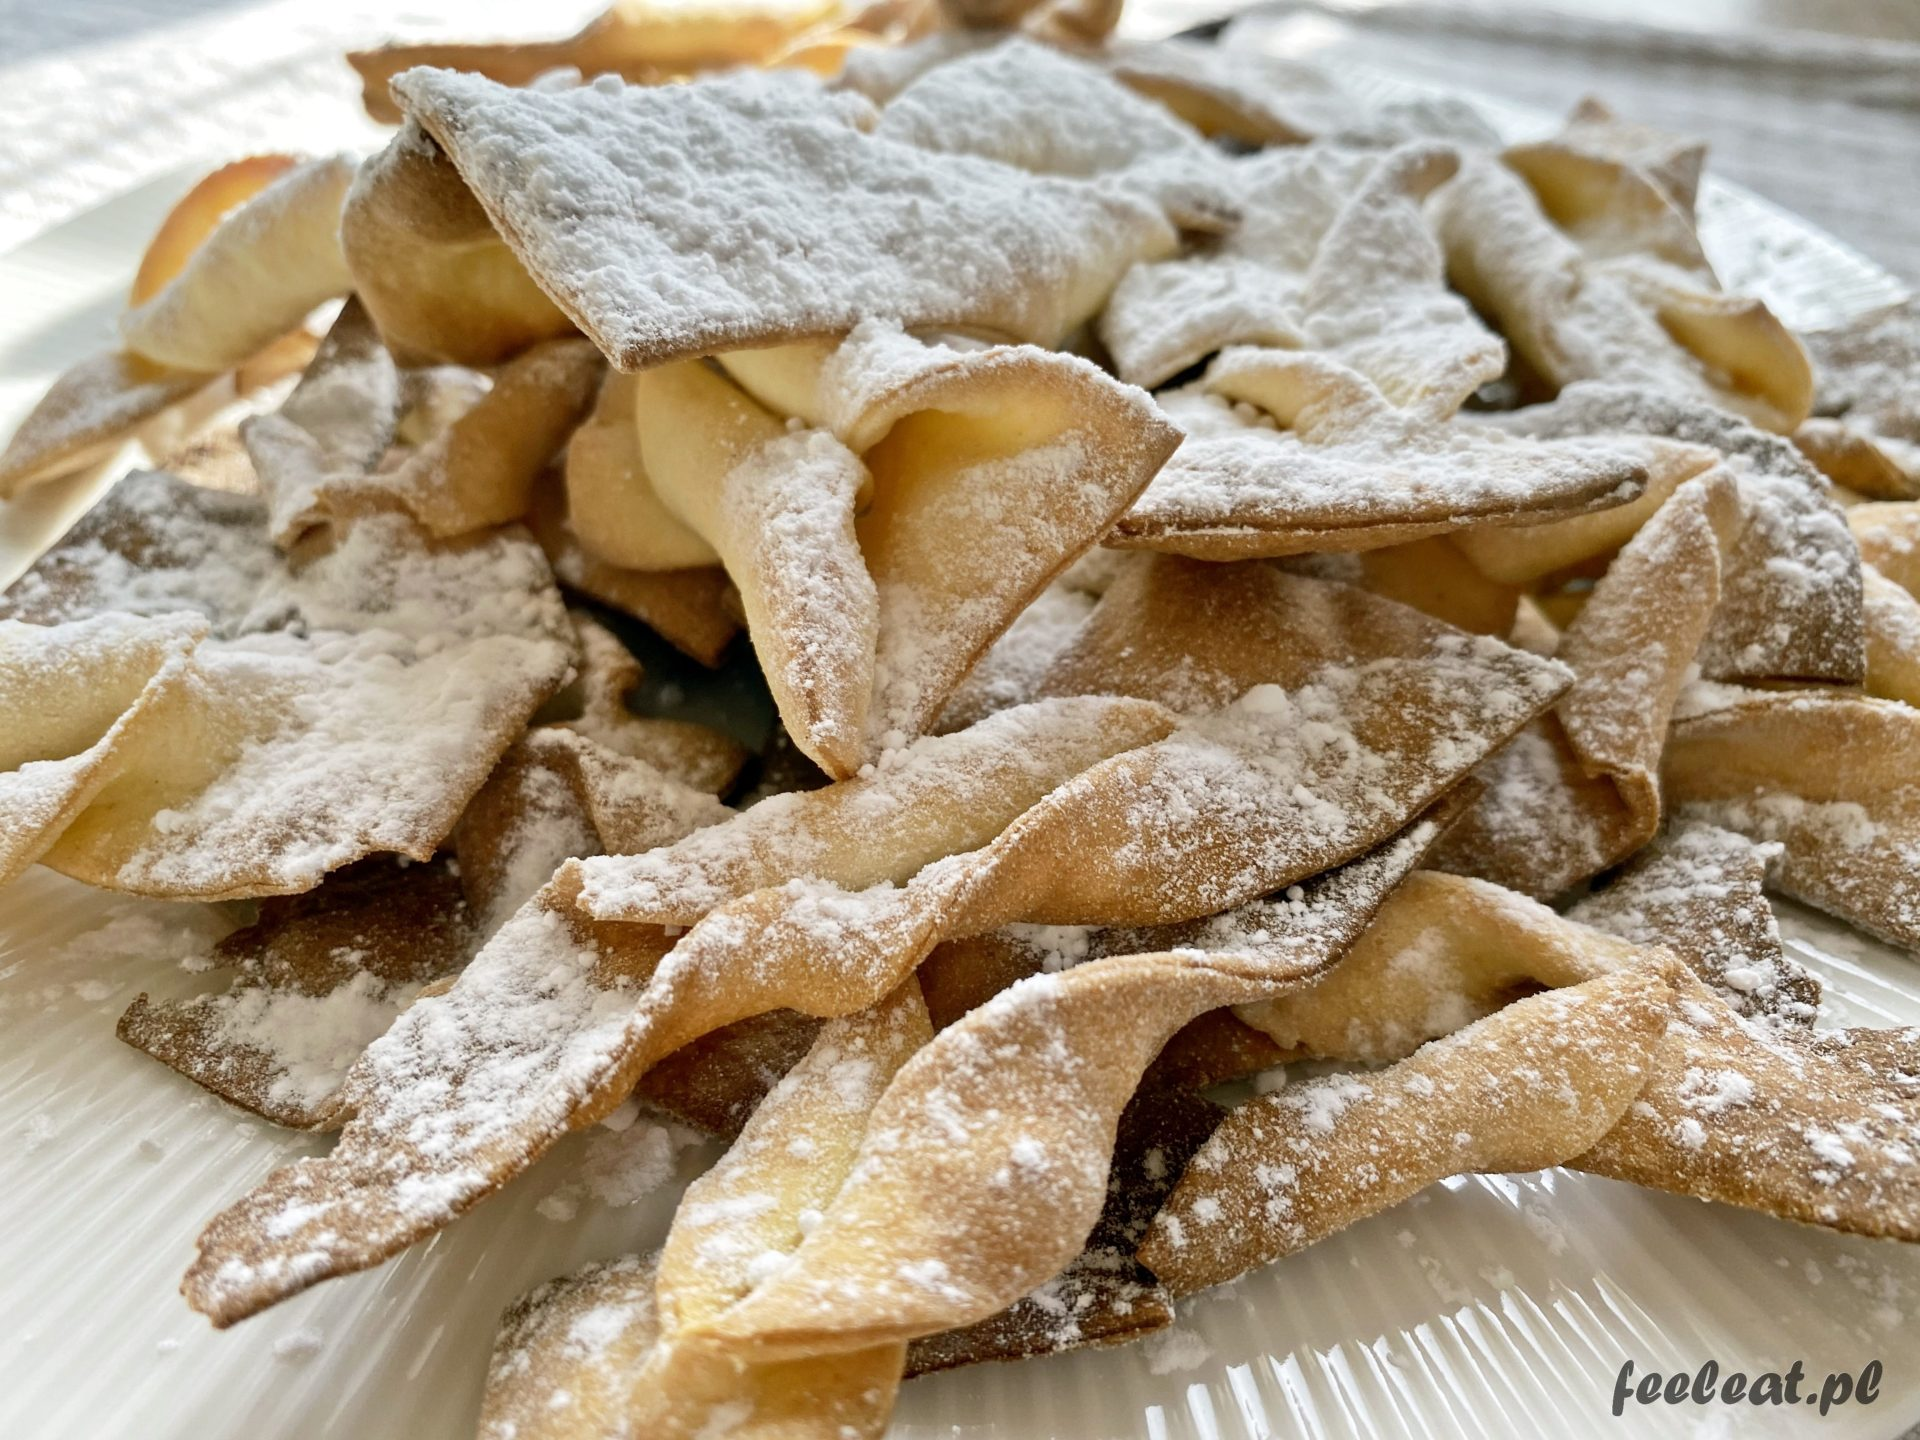 Faworki z piekarnika, czyli pieczone chrusty